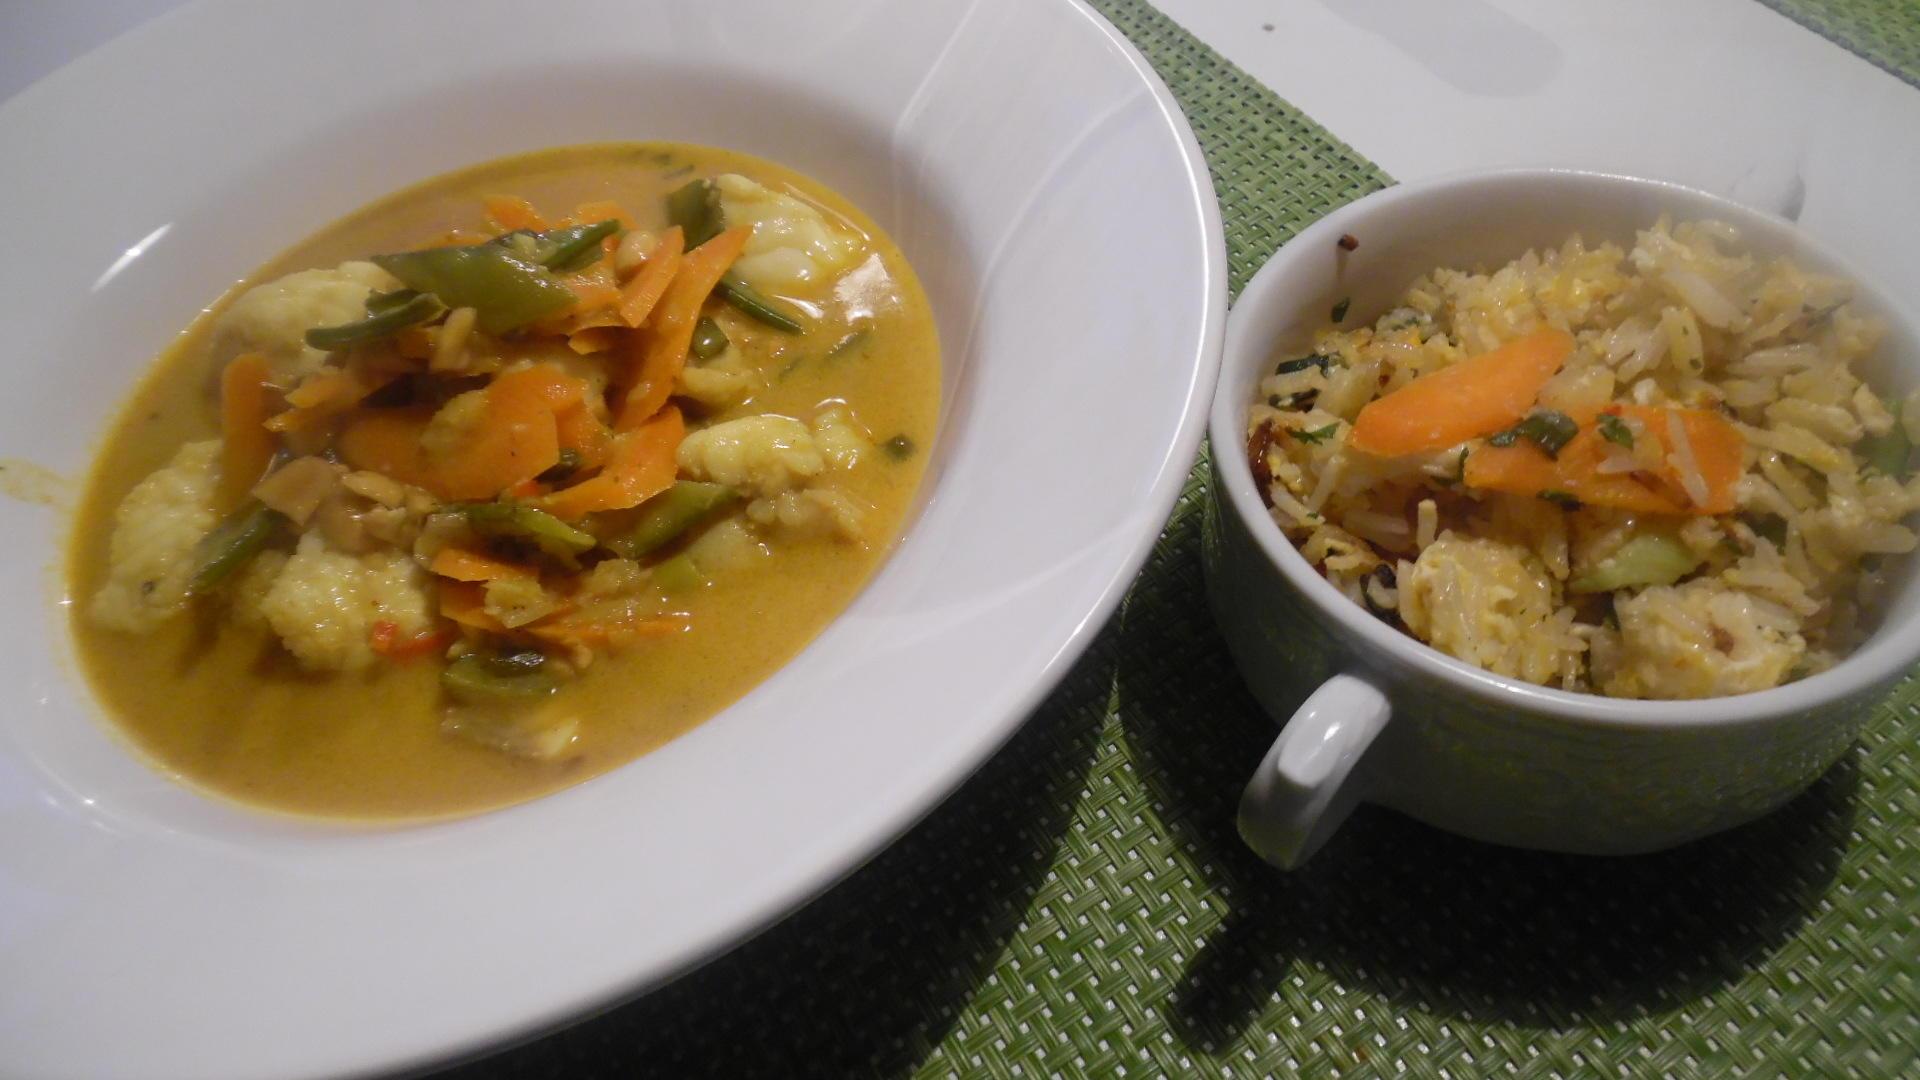 Scharfes Fisch-Curry mit gebratenem Eier-Reis - Rezept Gesendet von barbara62